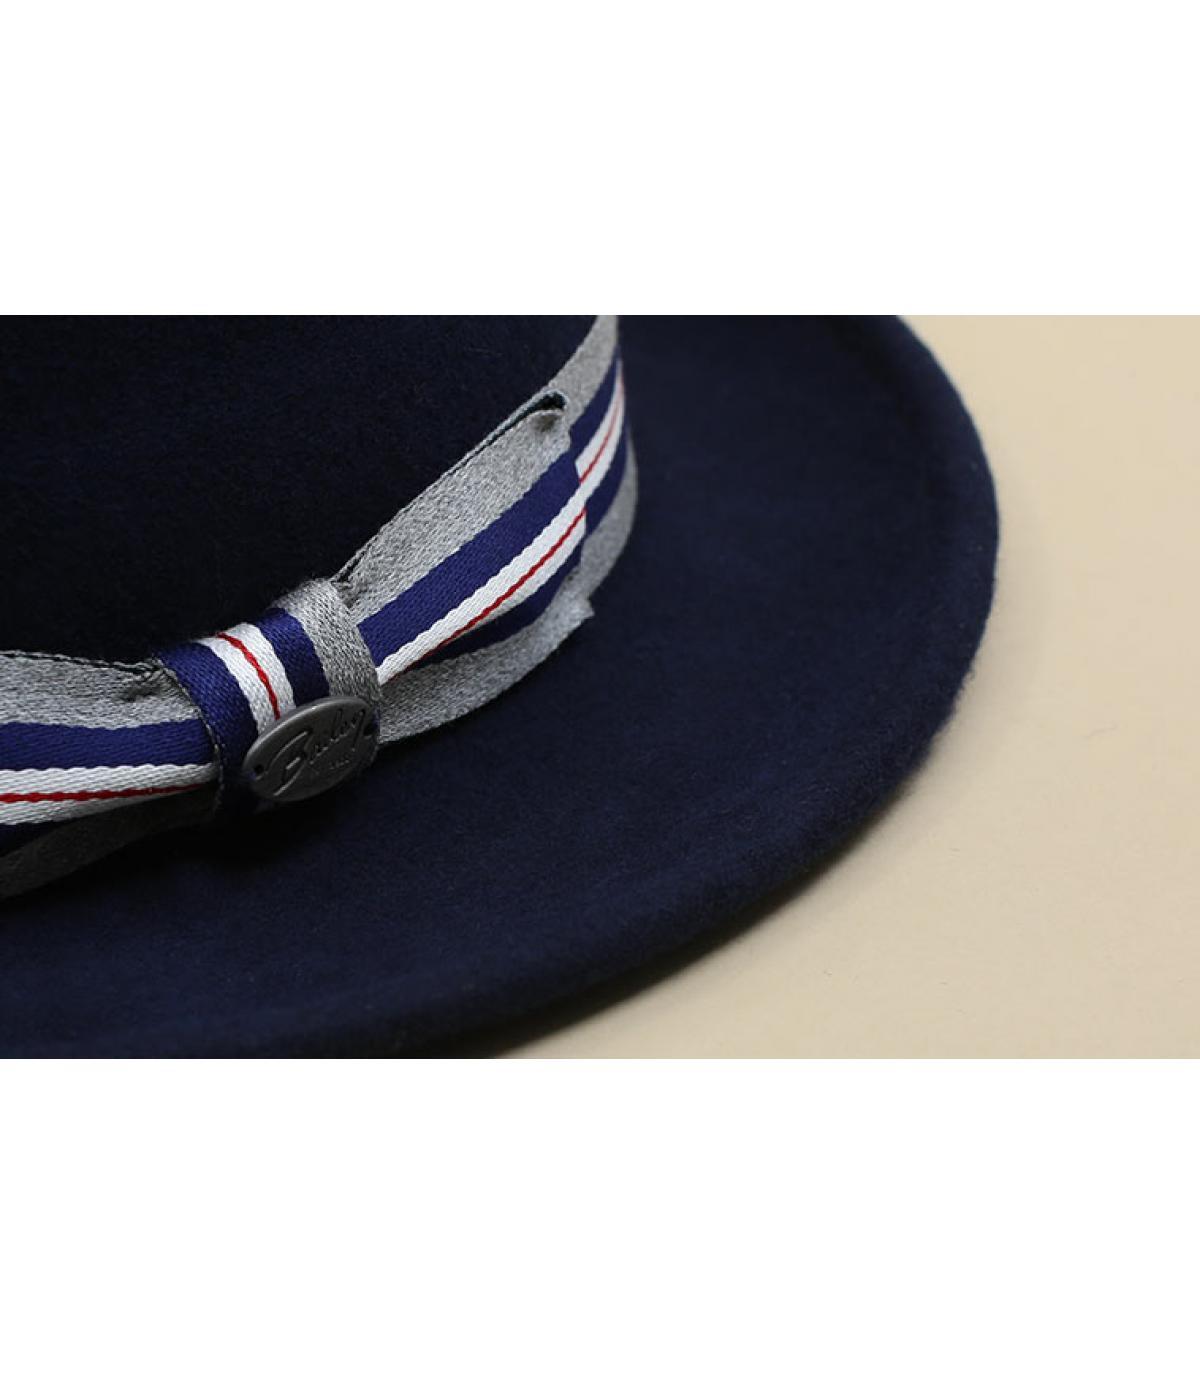 Détails The Klaxon navy - image 3